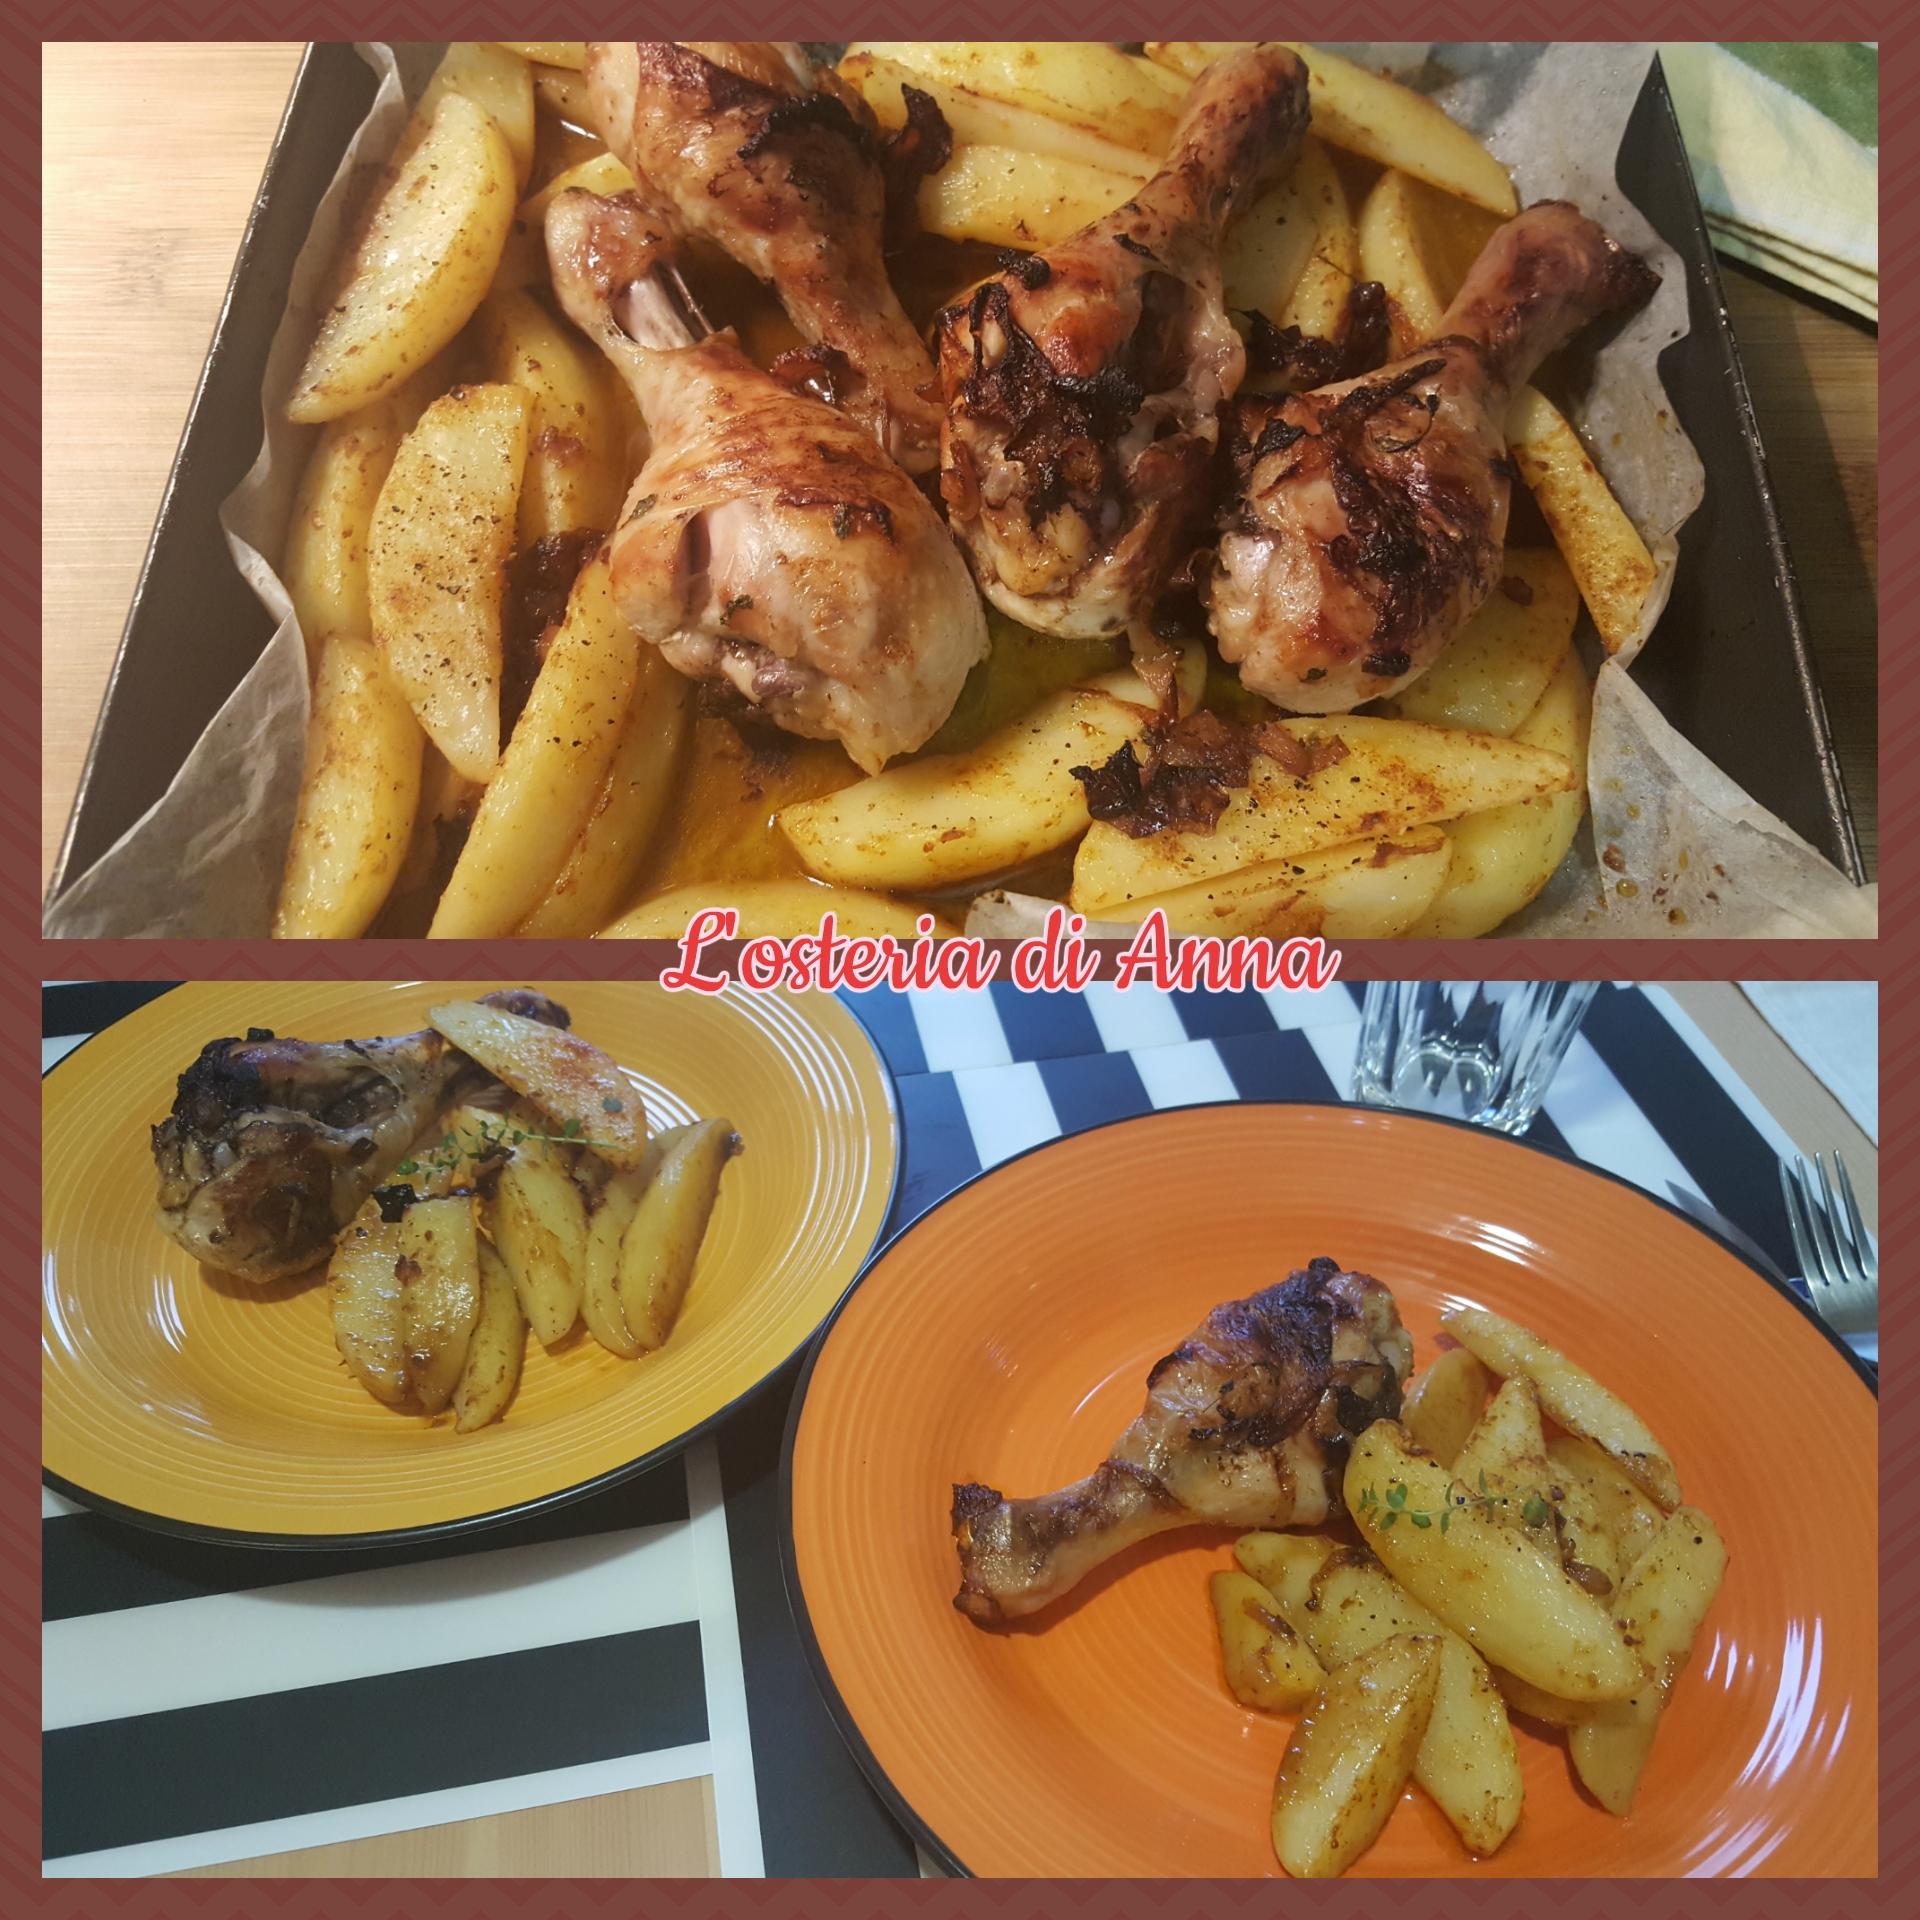 Impiattamento del pollo dopo la cottura in forno